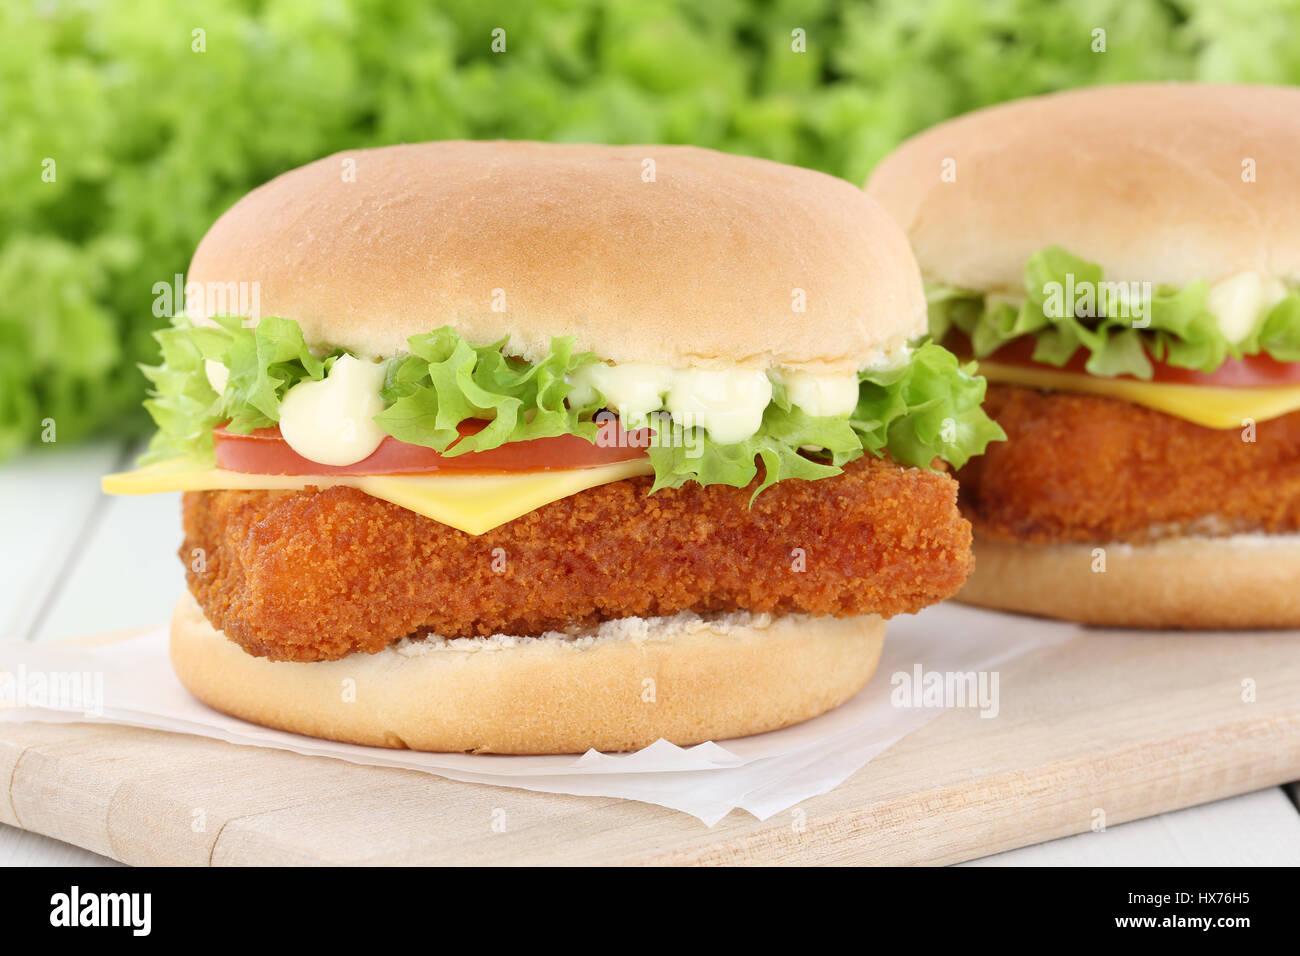 Hamburger di pesce fishburger hamburger formaggio pomodori malsano mangiare Immagini Stock